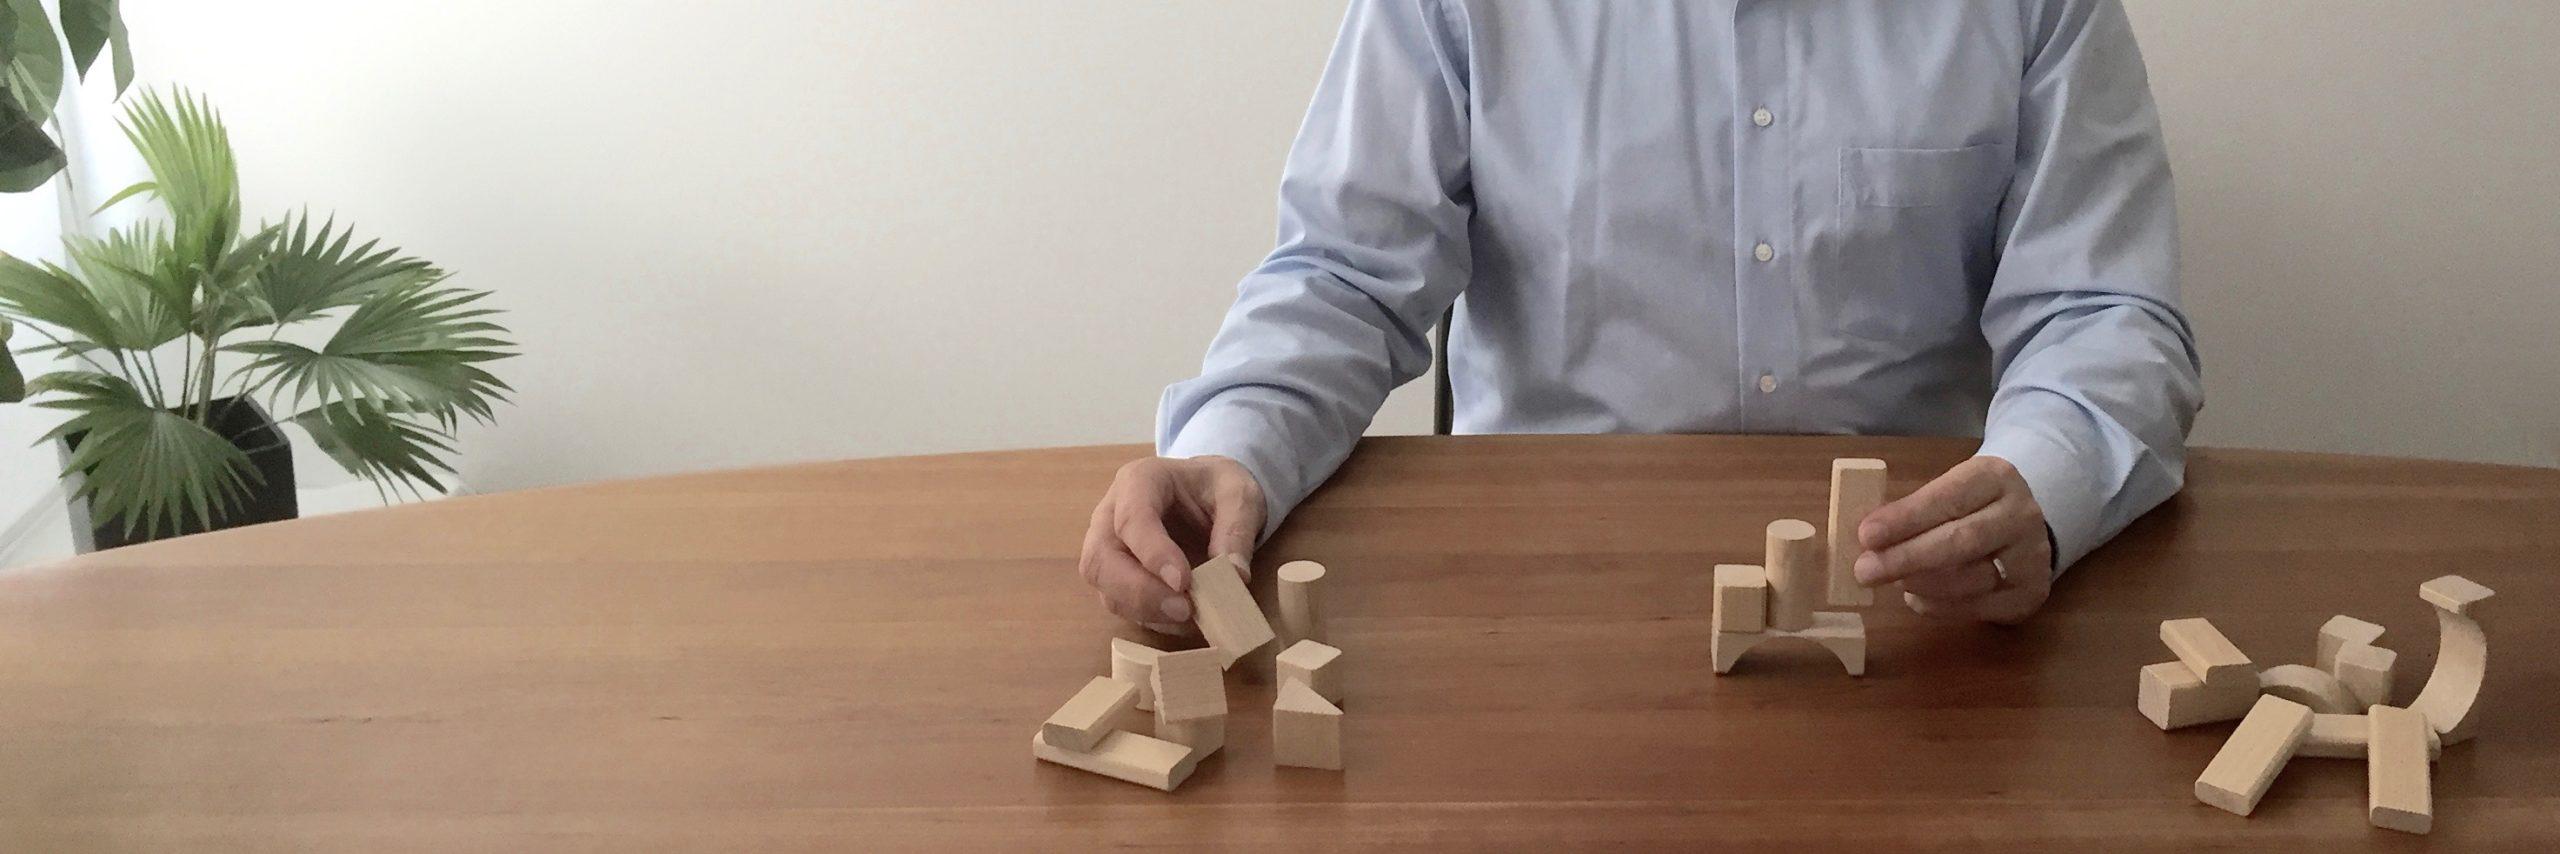 Matthias Zetzl, Inhaber der FinanzKanzlei Bayern, arrangiert am Tisch geschickt Bausteine - symbolisch für: Vermögensmanagement professionell einfädeln